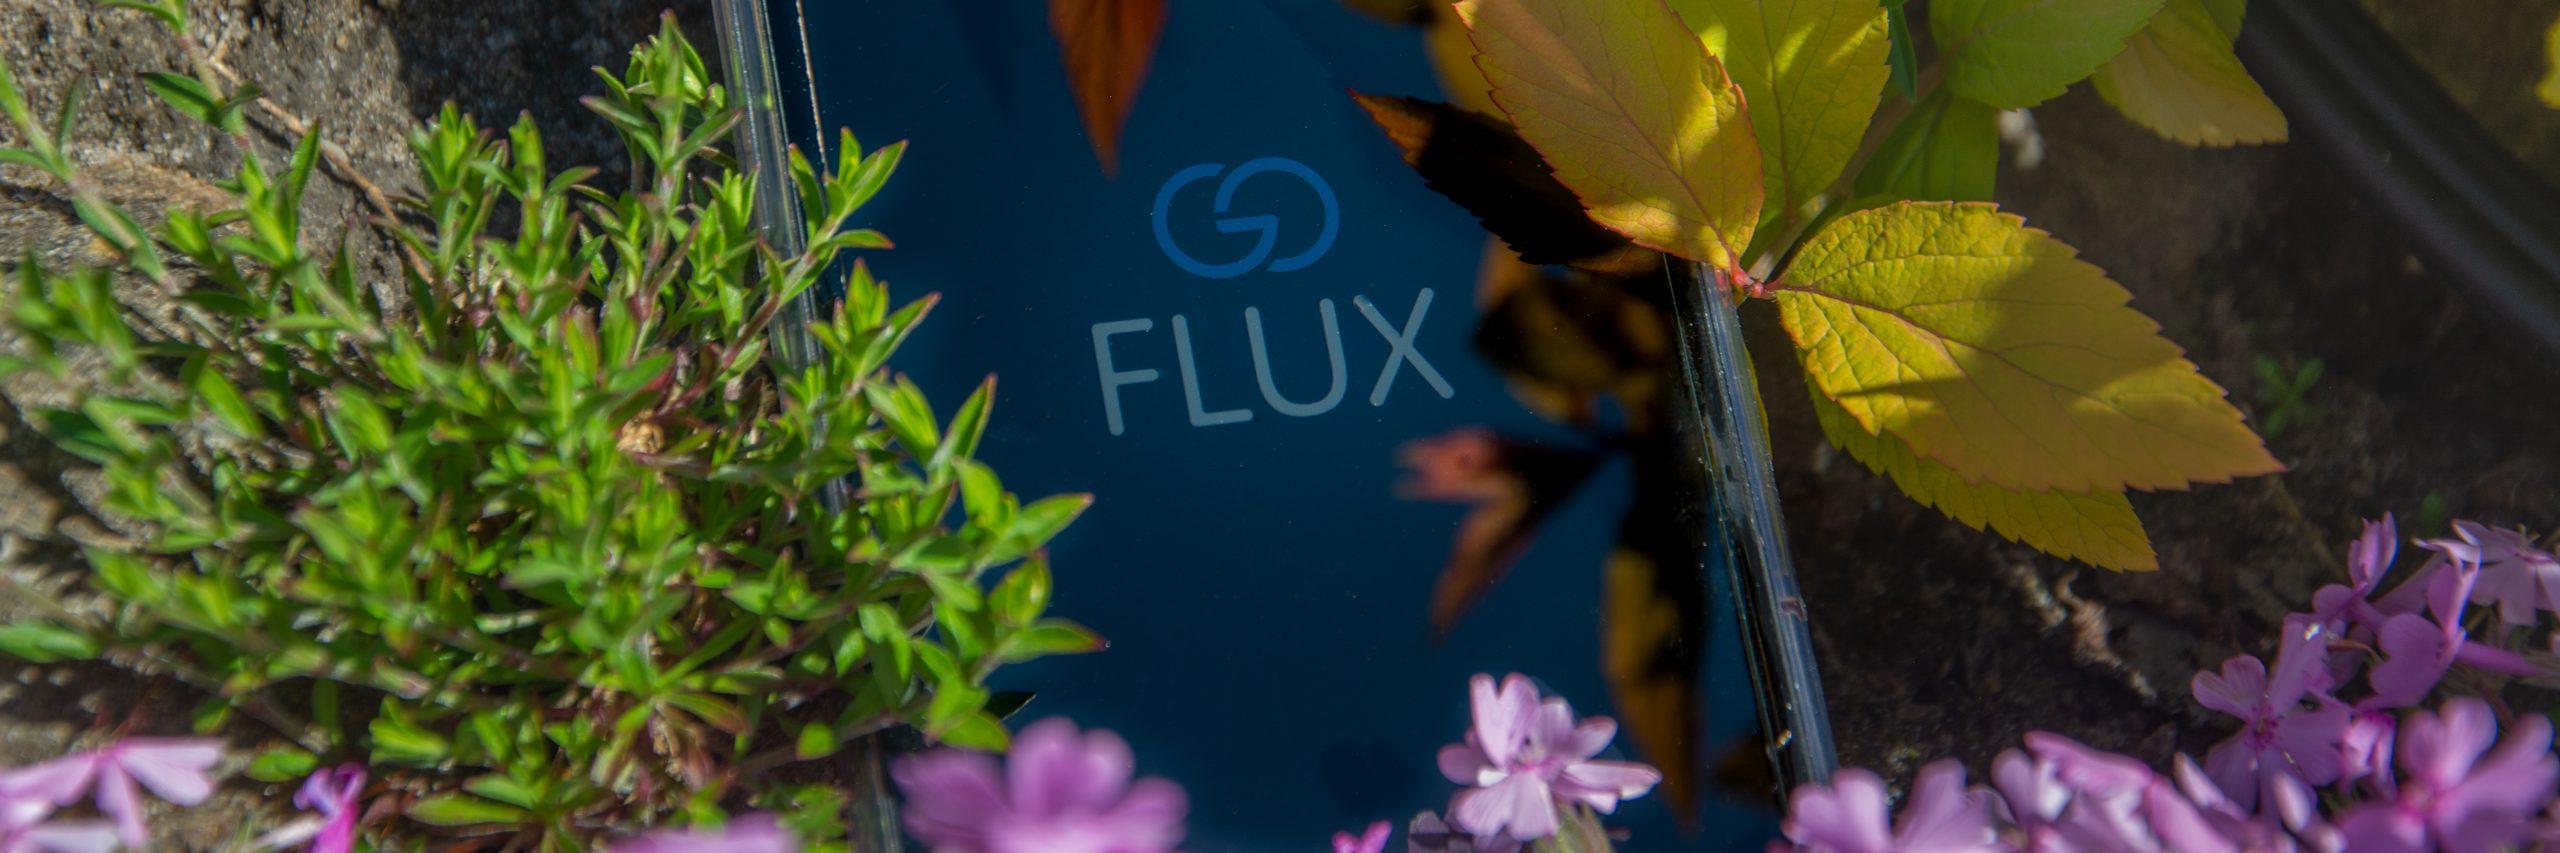 Blumen; grün; Handy; goFLUX-App; goFLUX Logo; Nachhaltigkeit bei Haushaltsprodukten